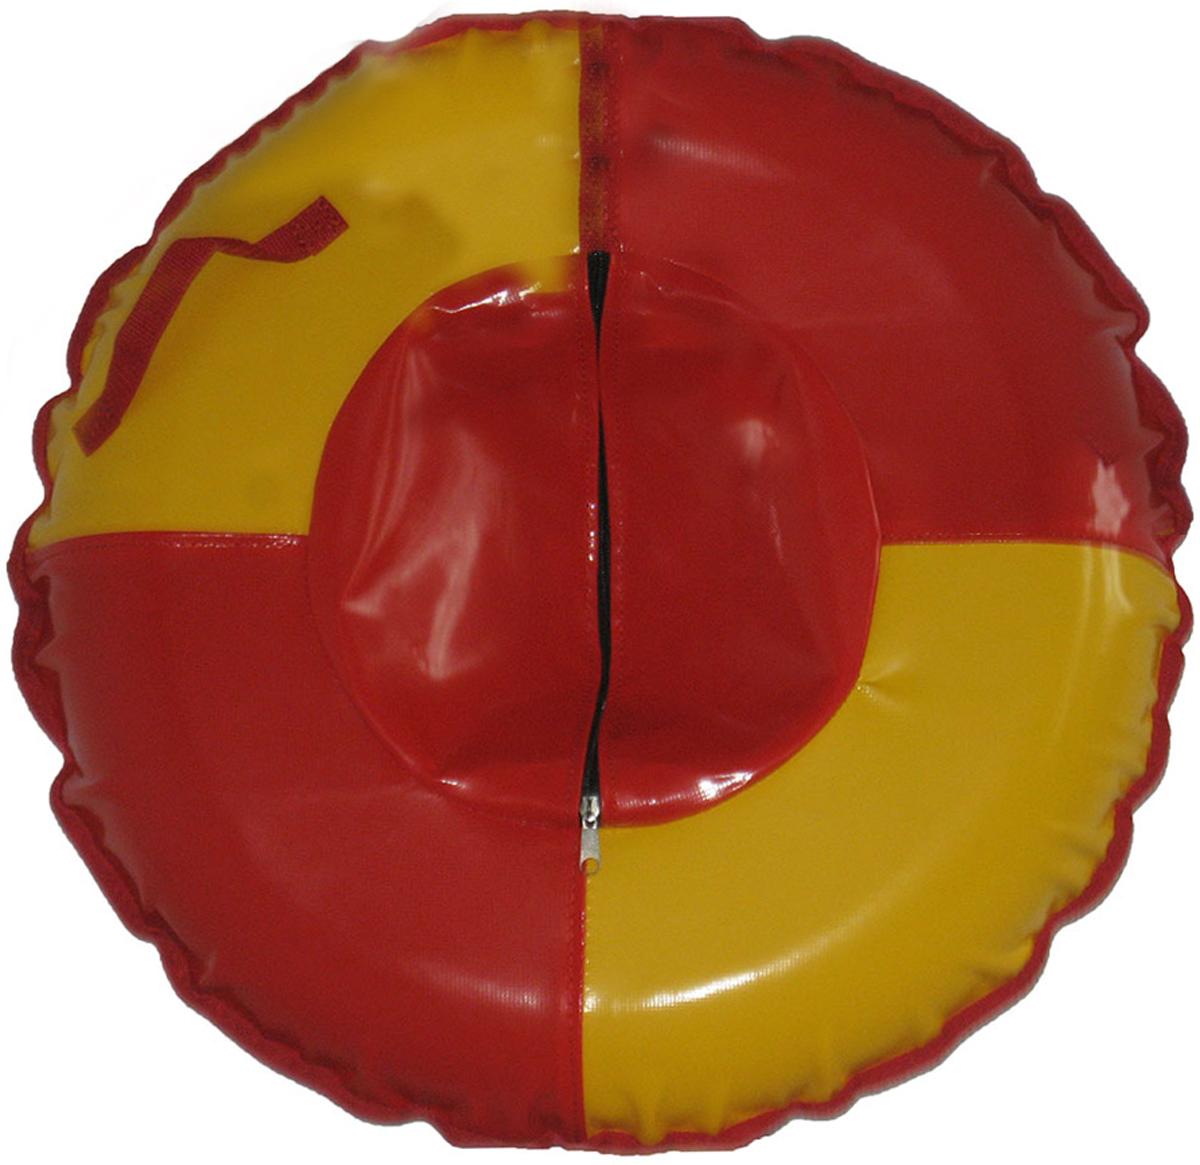 Тюбинг FormulaZima Вихрь, цвет: красный, желтый, диаметр 100 см